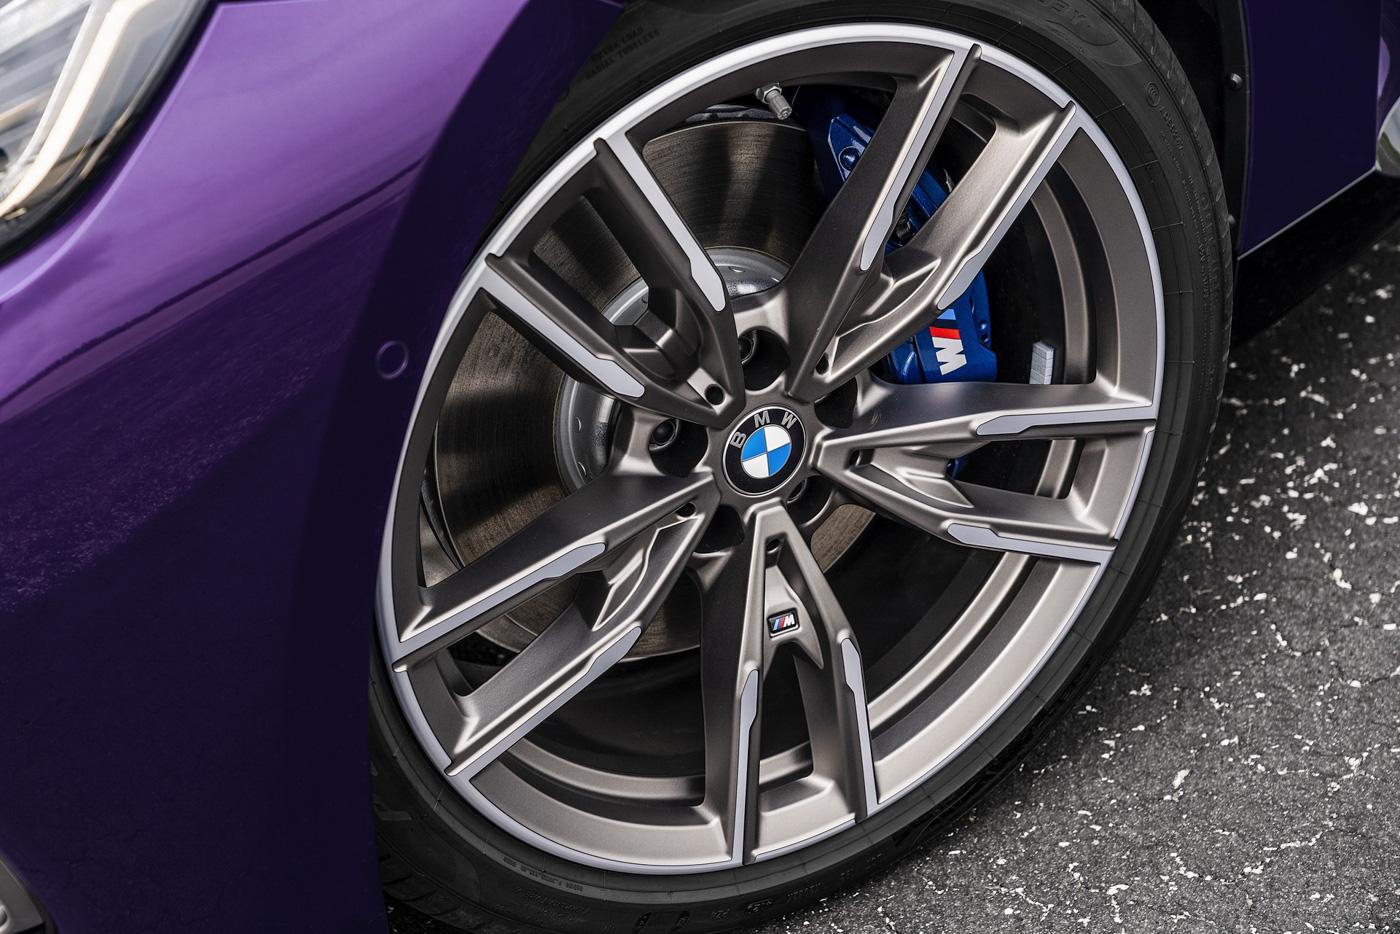 BMW-2-series-2022-ra-mắt-với-giá-bán-từ-36350-usd-10.jpg